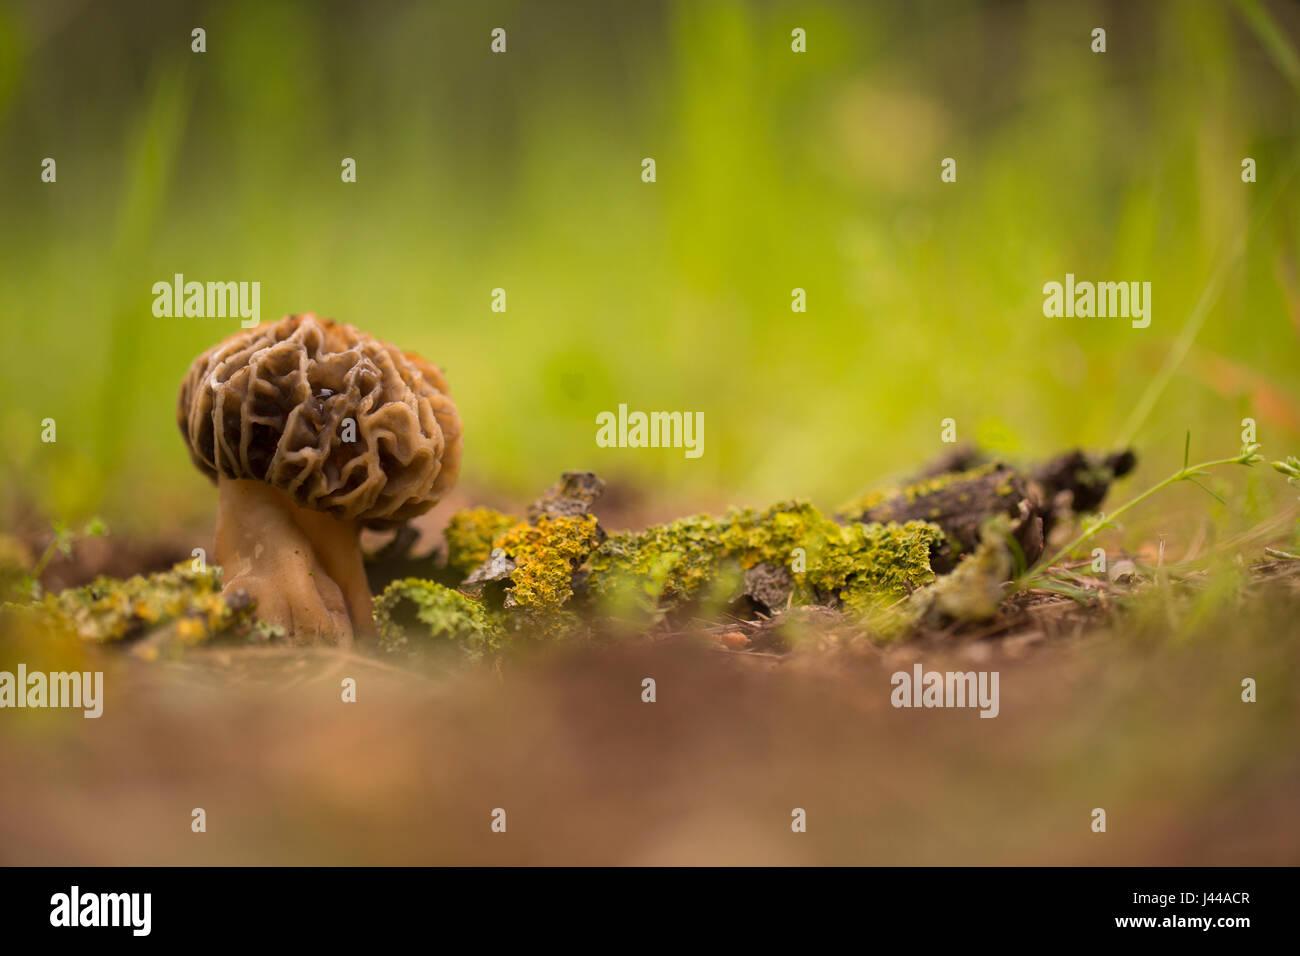 Morel (fungo Morchella conica) crescere in terreno. Questi funghi sono i corpi fruttiferi di questo fungo e può arrivare a parecchi centimetri di altezza. Foto Stock